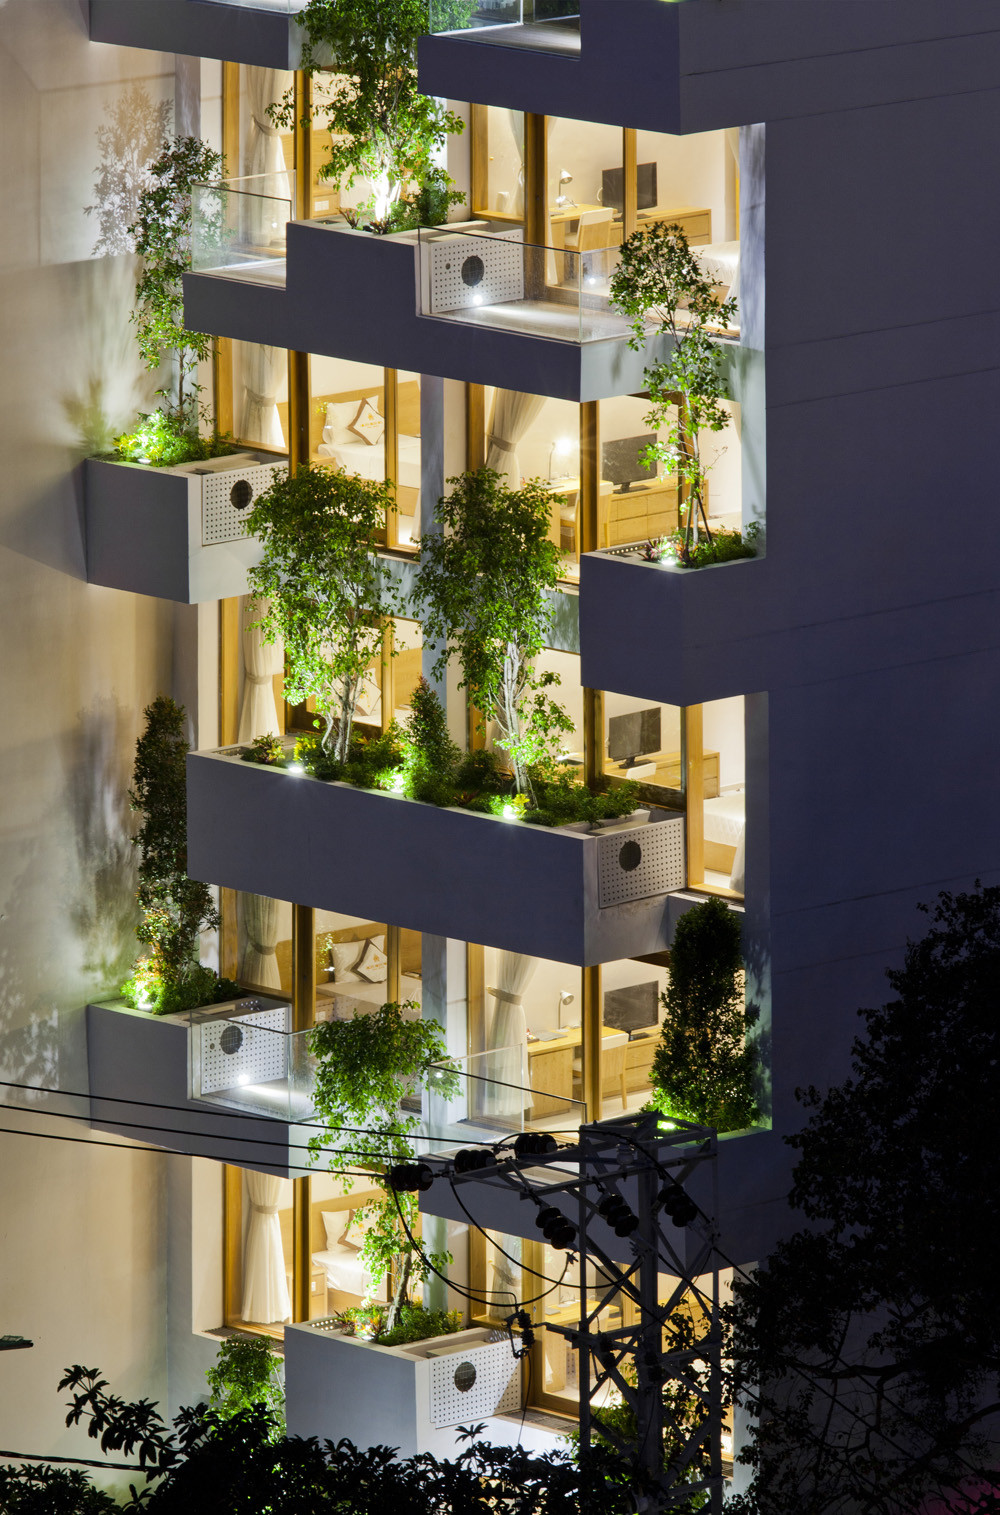 Gallery of hotel golden holiday in nha trang trinhvieta for Design hotel vietnam